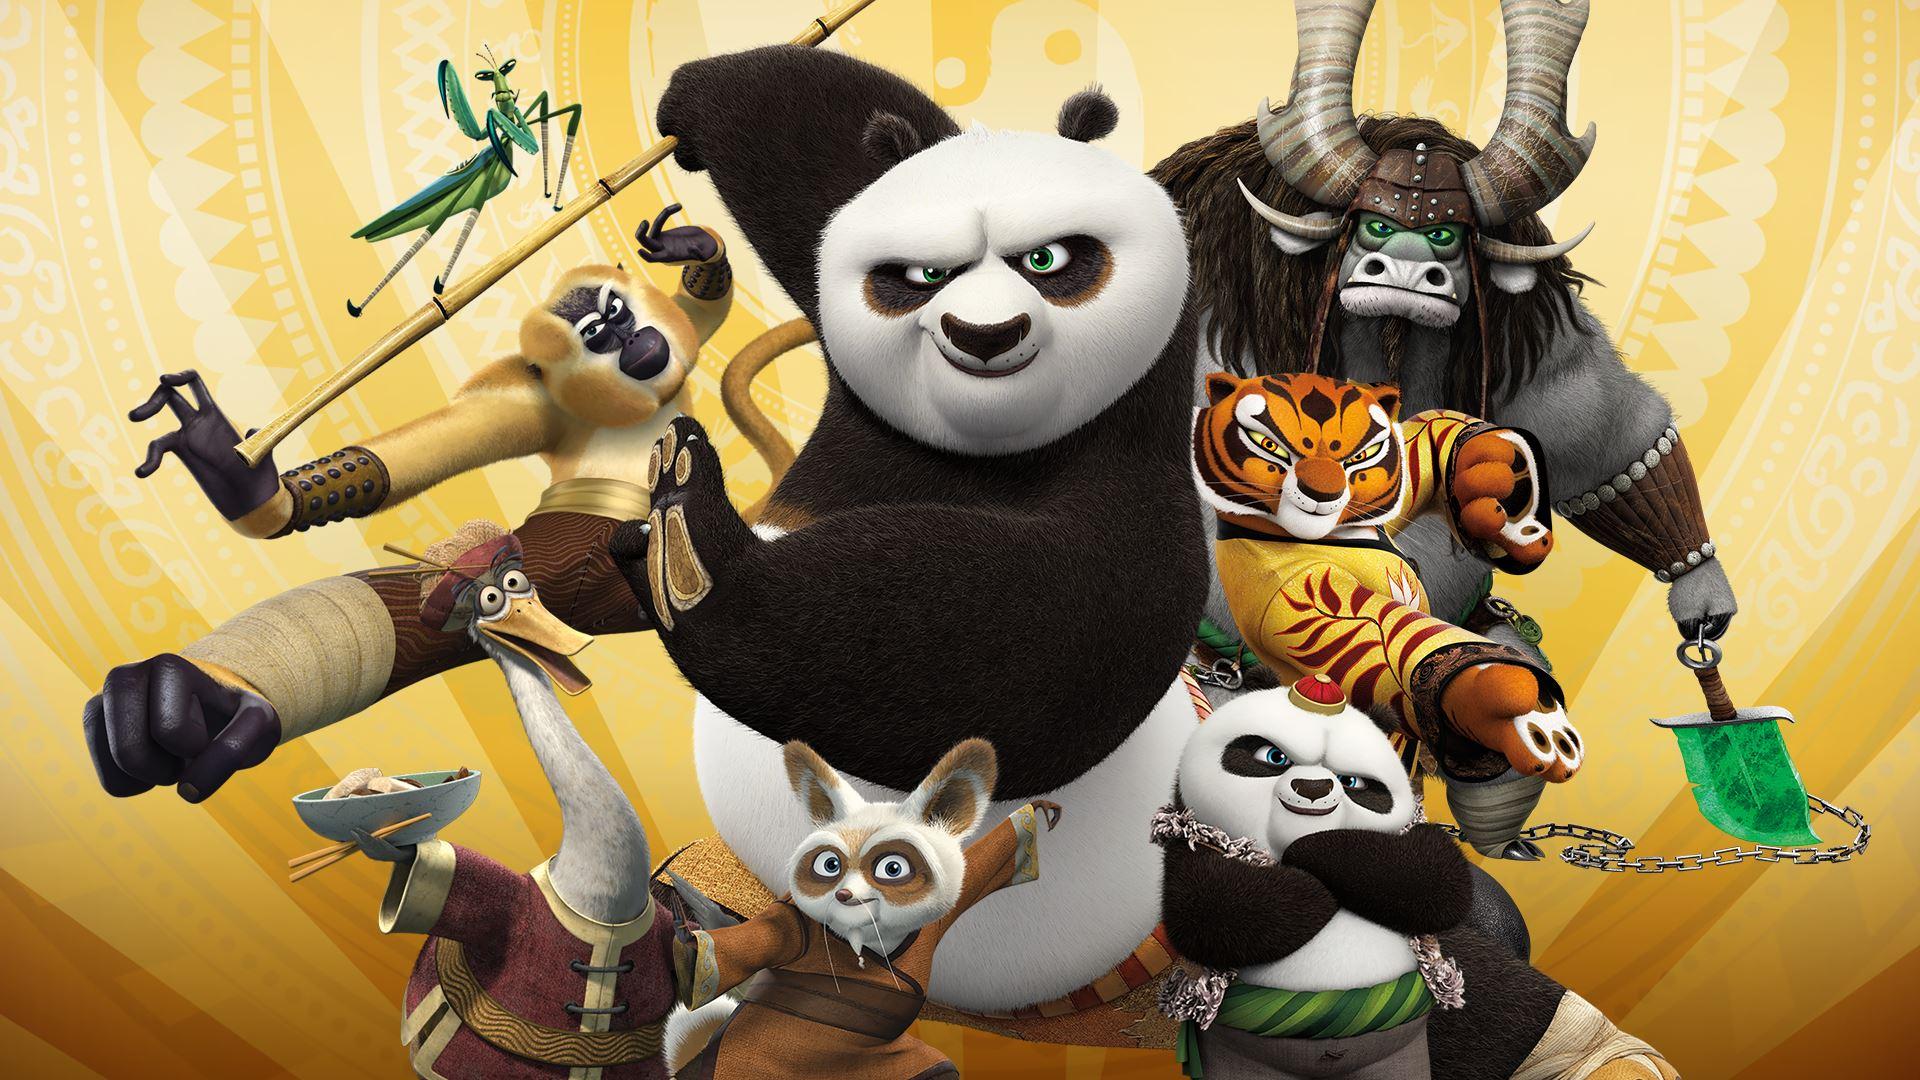 Kung fu panda le choc des l gendes fait son arriv e sur - Maitre kung fu panda ...